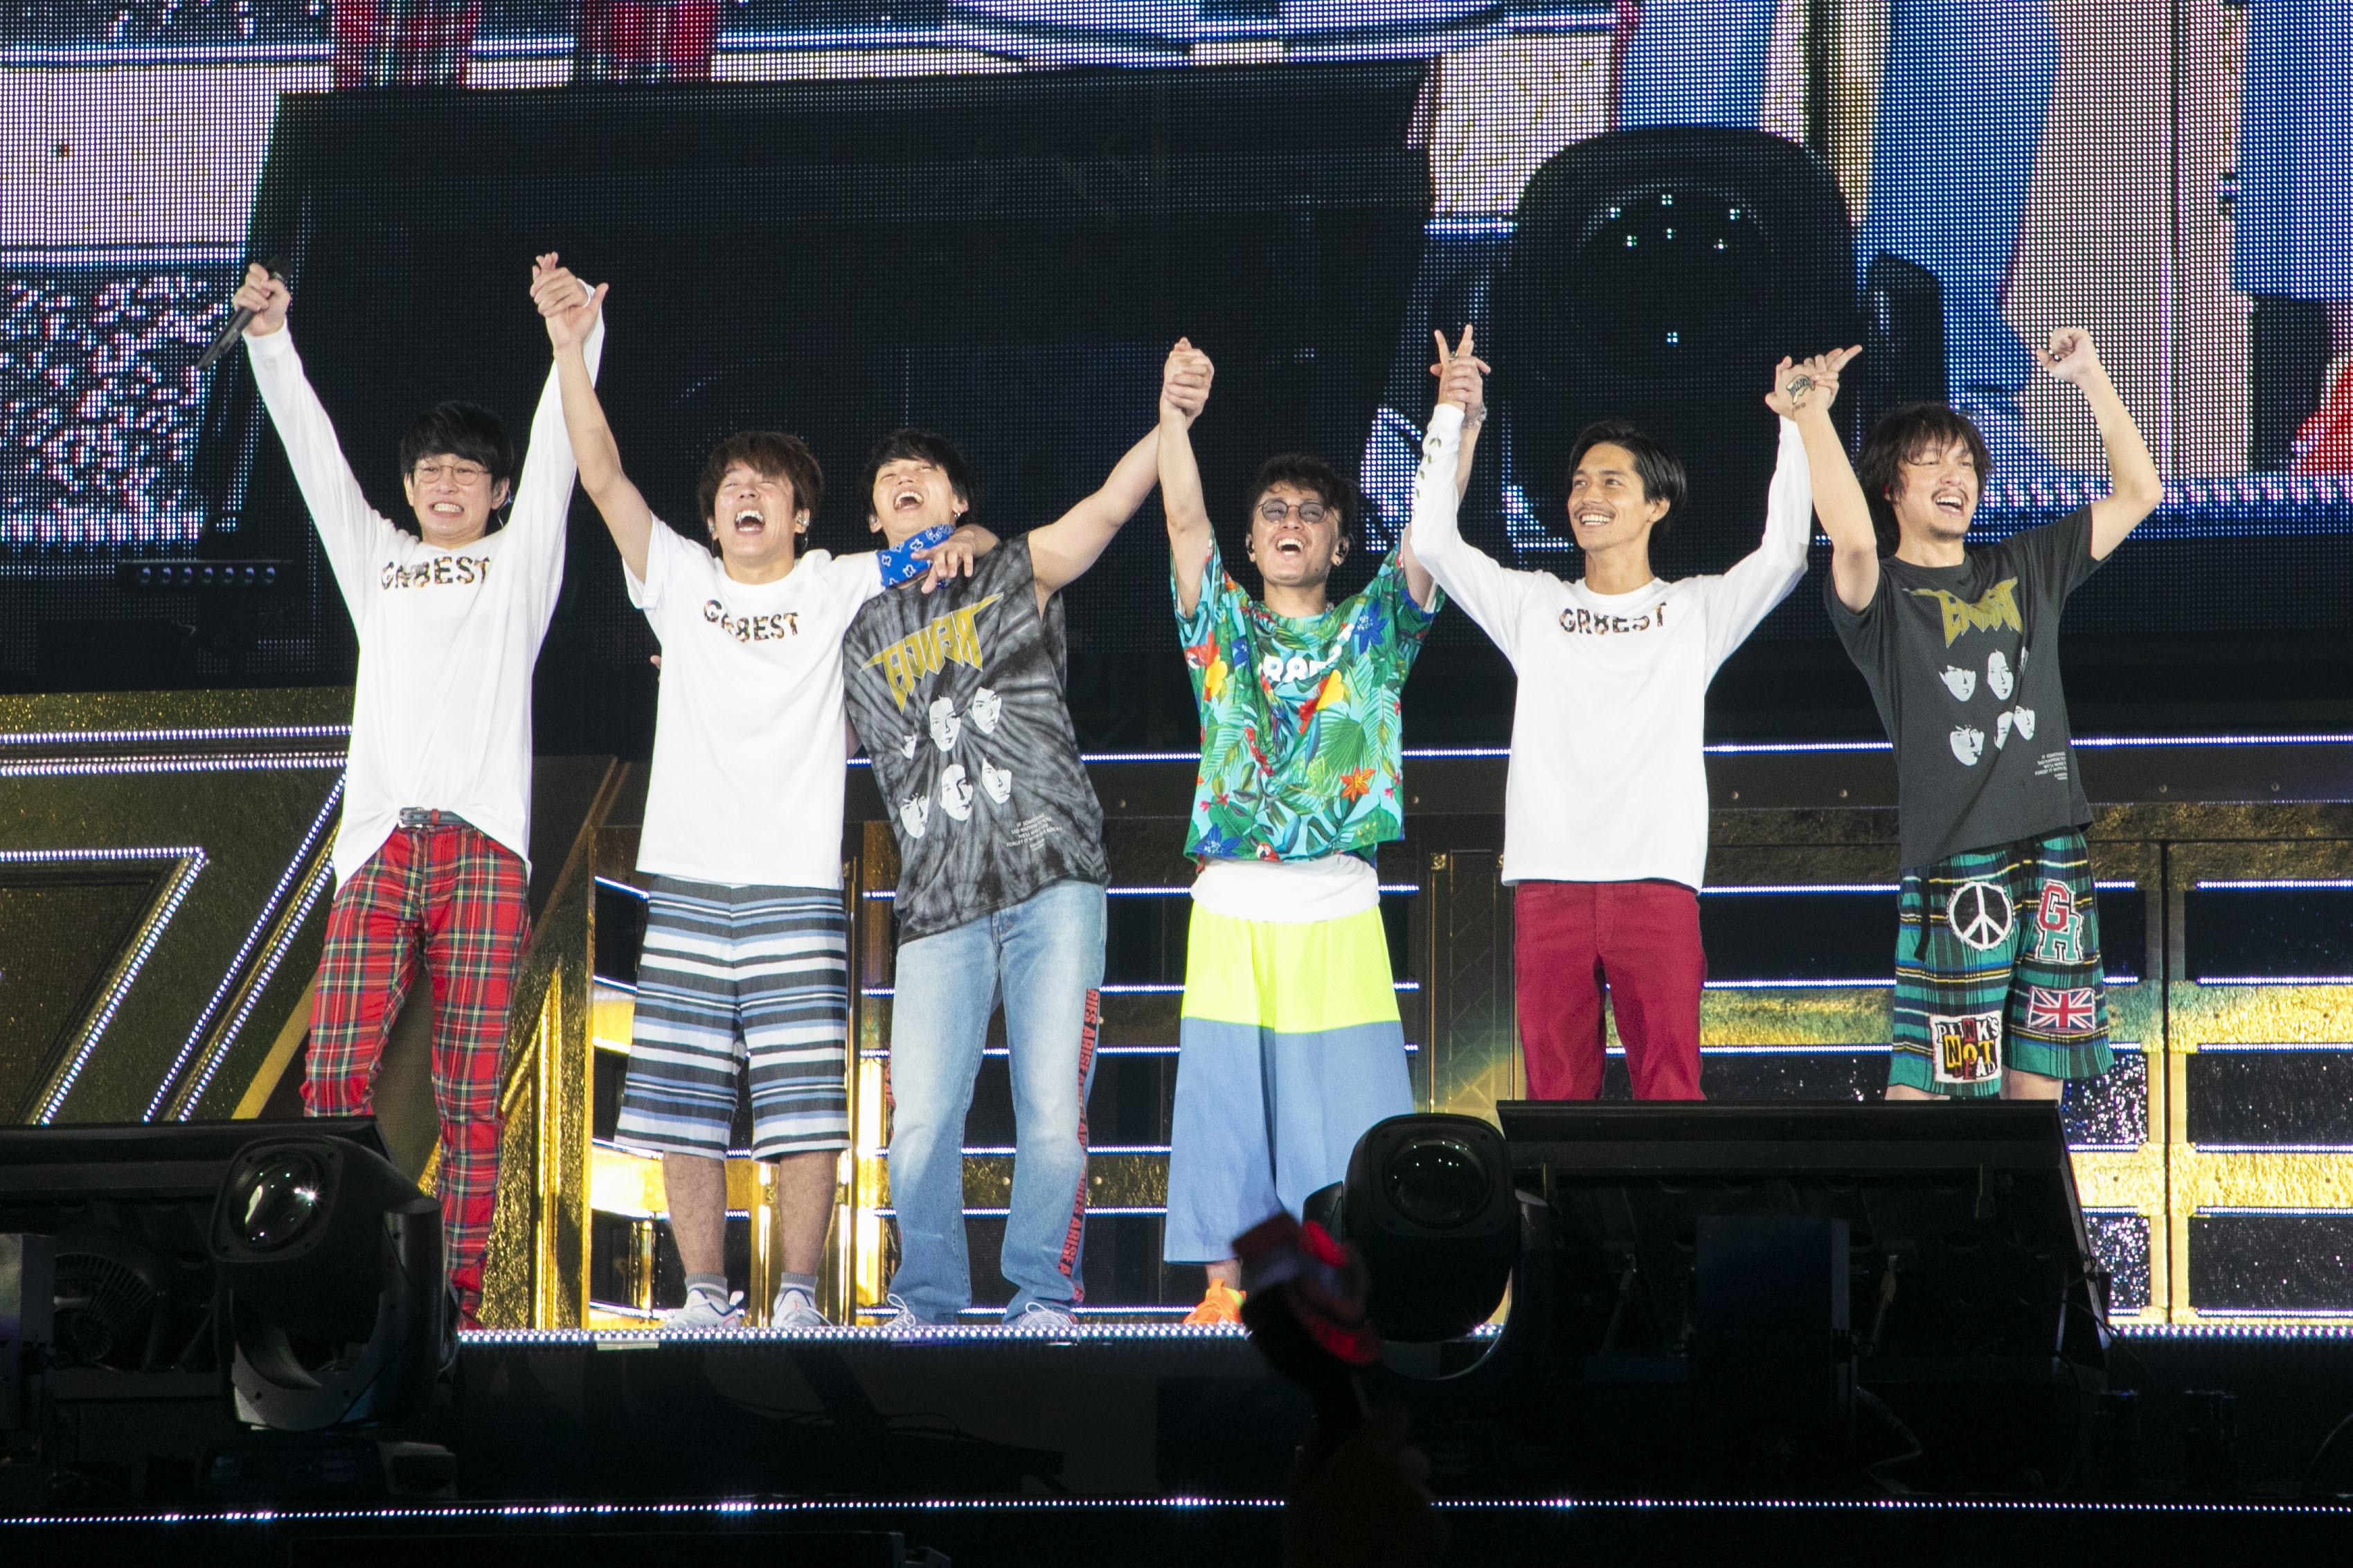 関ジャ二∞『関ジャニ∞'sエイターテインメント GR8EST』東京ドーム公演